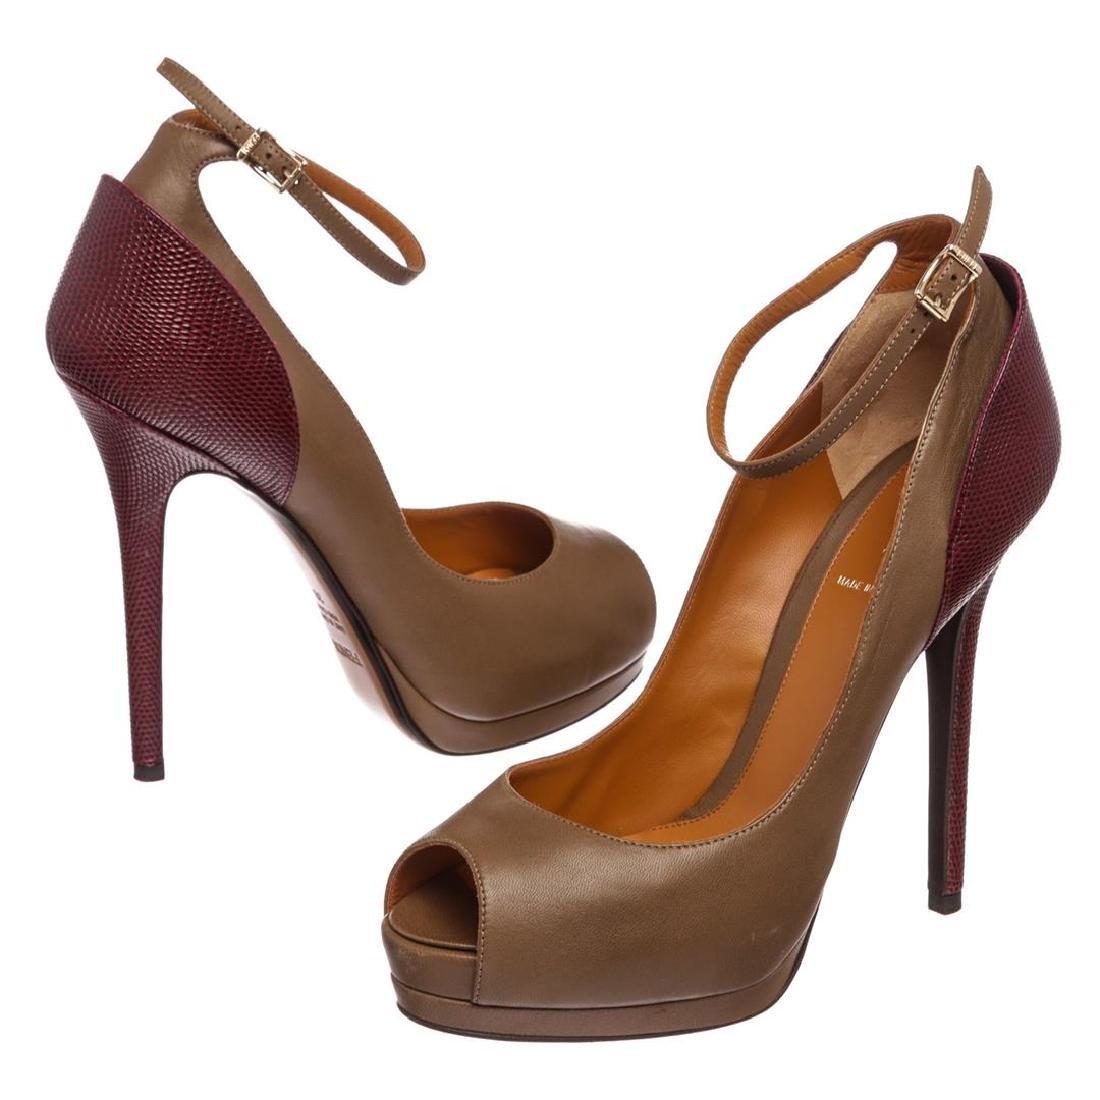 Fendi Taupe Leather Lizard Peep Toe Platform Heels